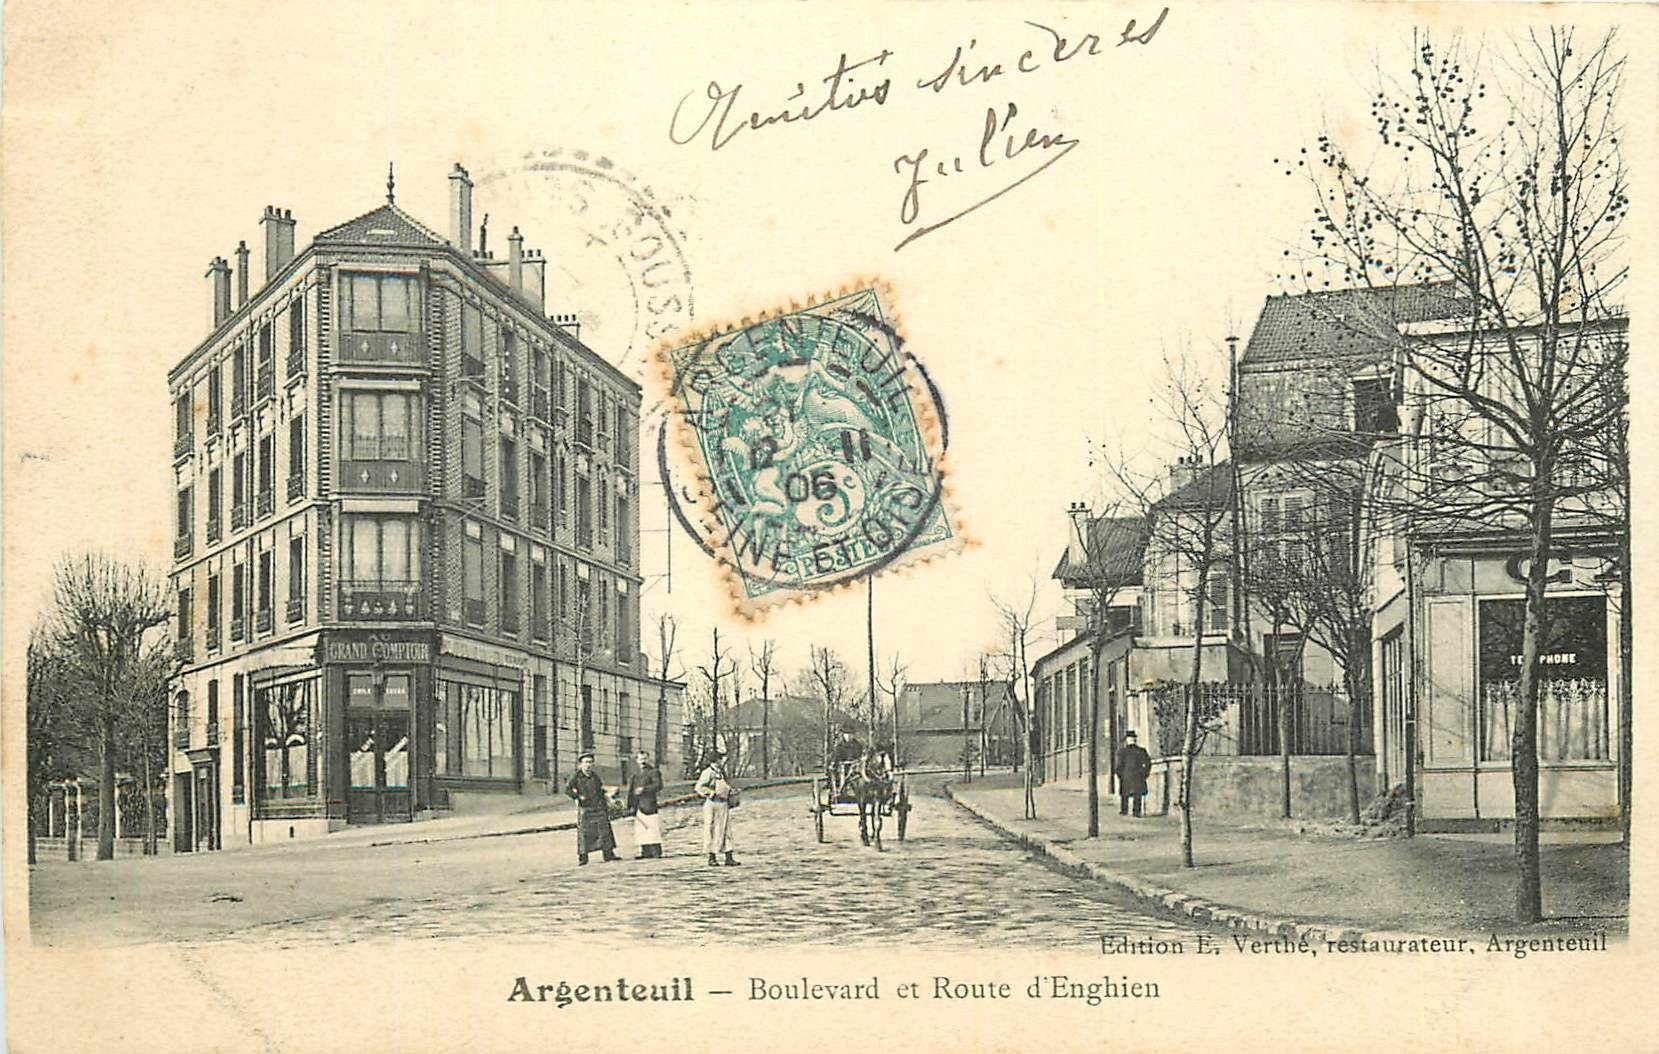 95 ARGENTEUIL. Café Grand Comptoir boulevard et route d'Enghien 1906